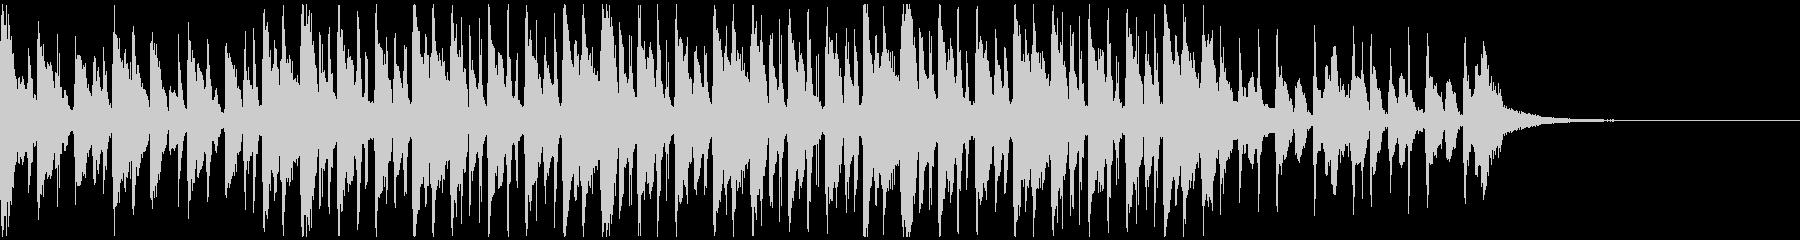 企業VP/CM元気な口笛のマーチBGMの未再生の波形